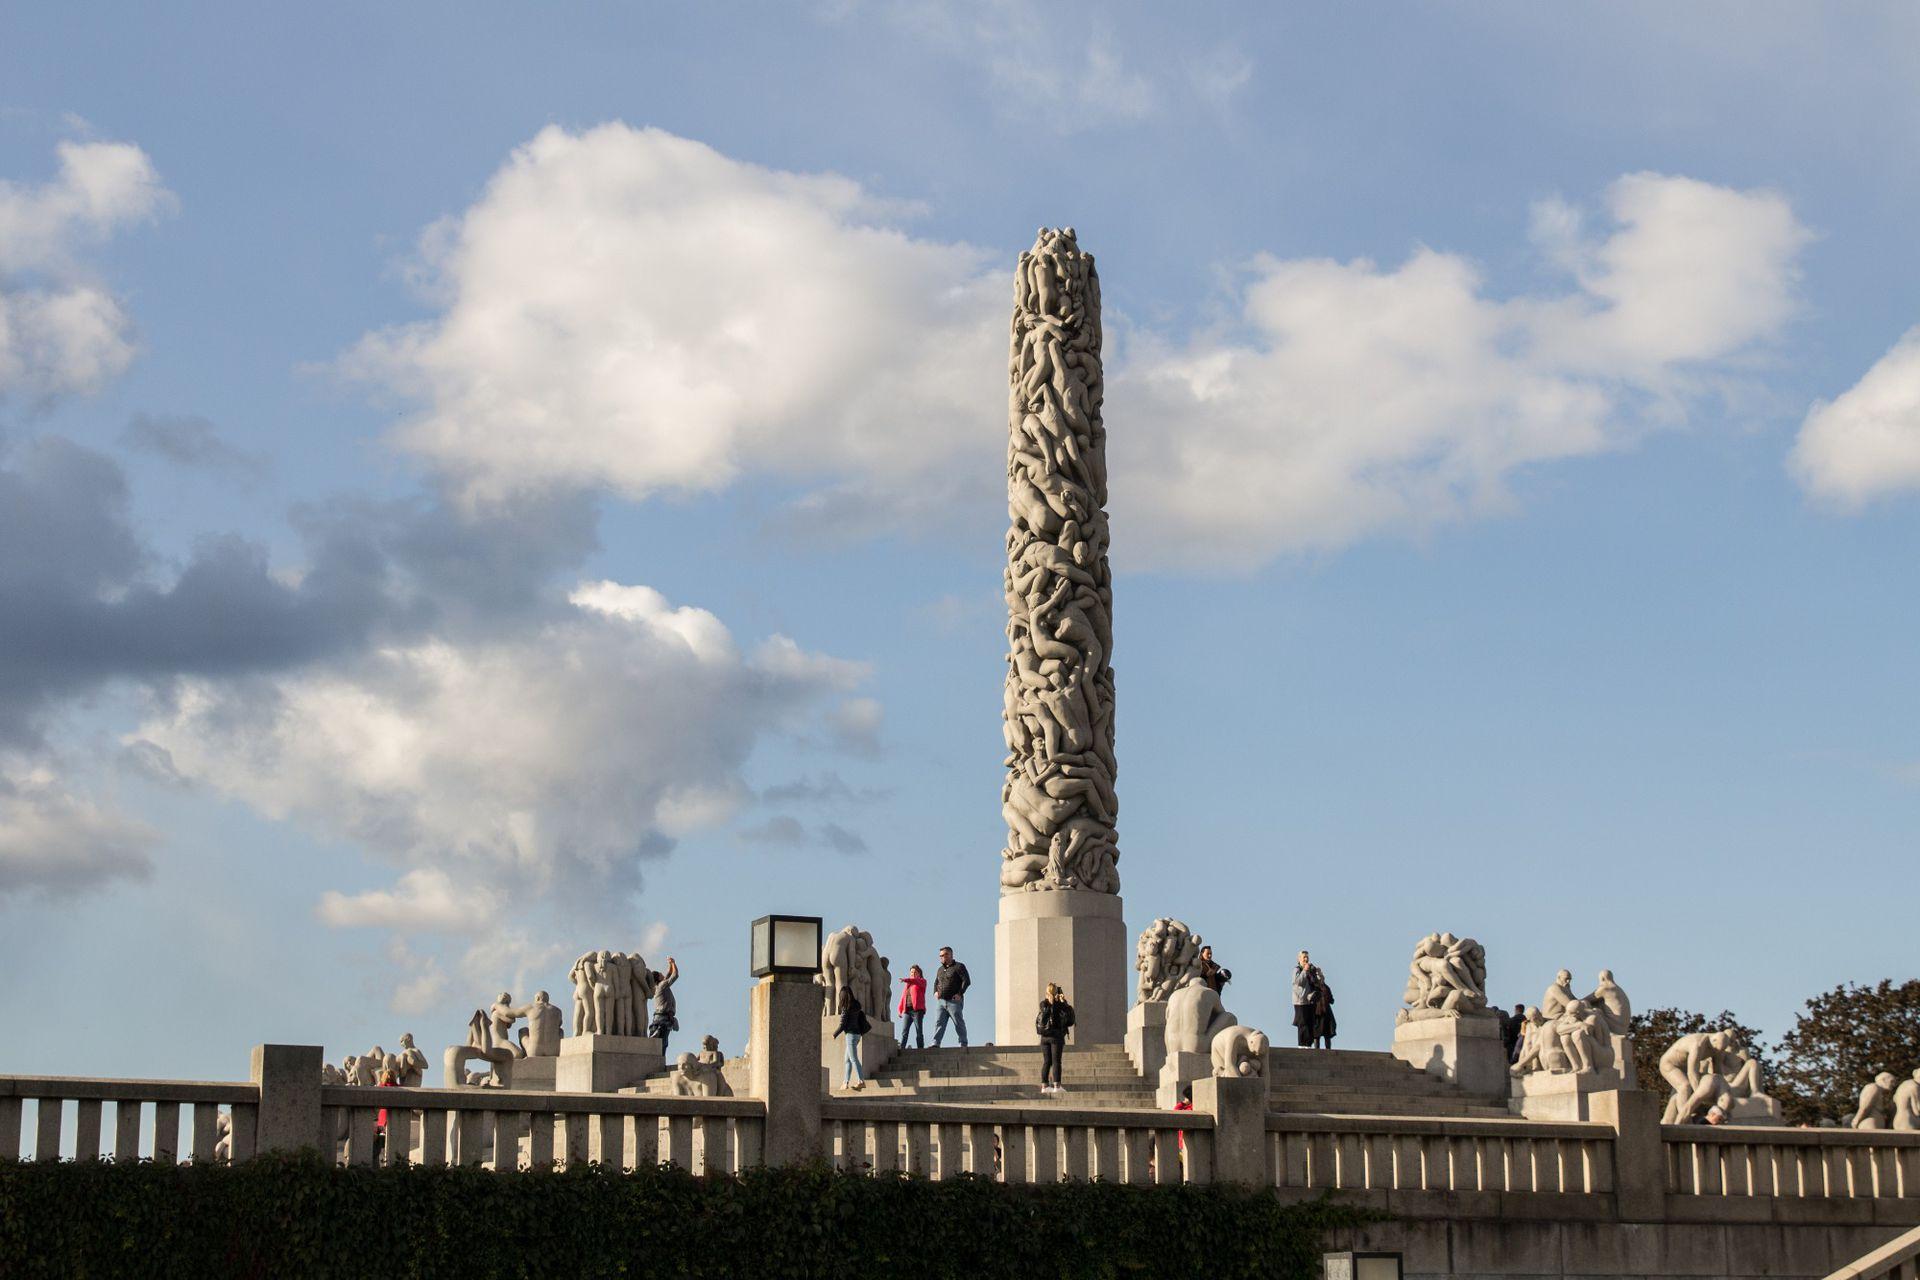 Parque de esculturas de Gustav Vigeland. El Monolitten es una columna de 14 metros con cuerpos entrelazados en un solo bloque de granito.